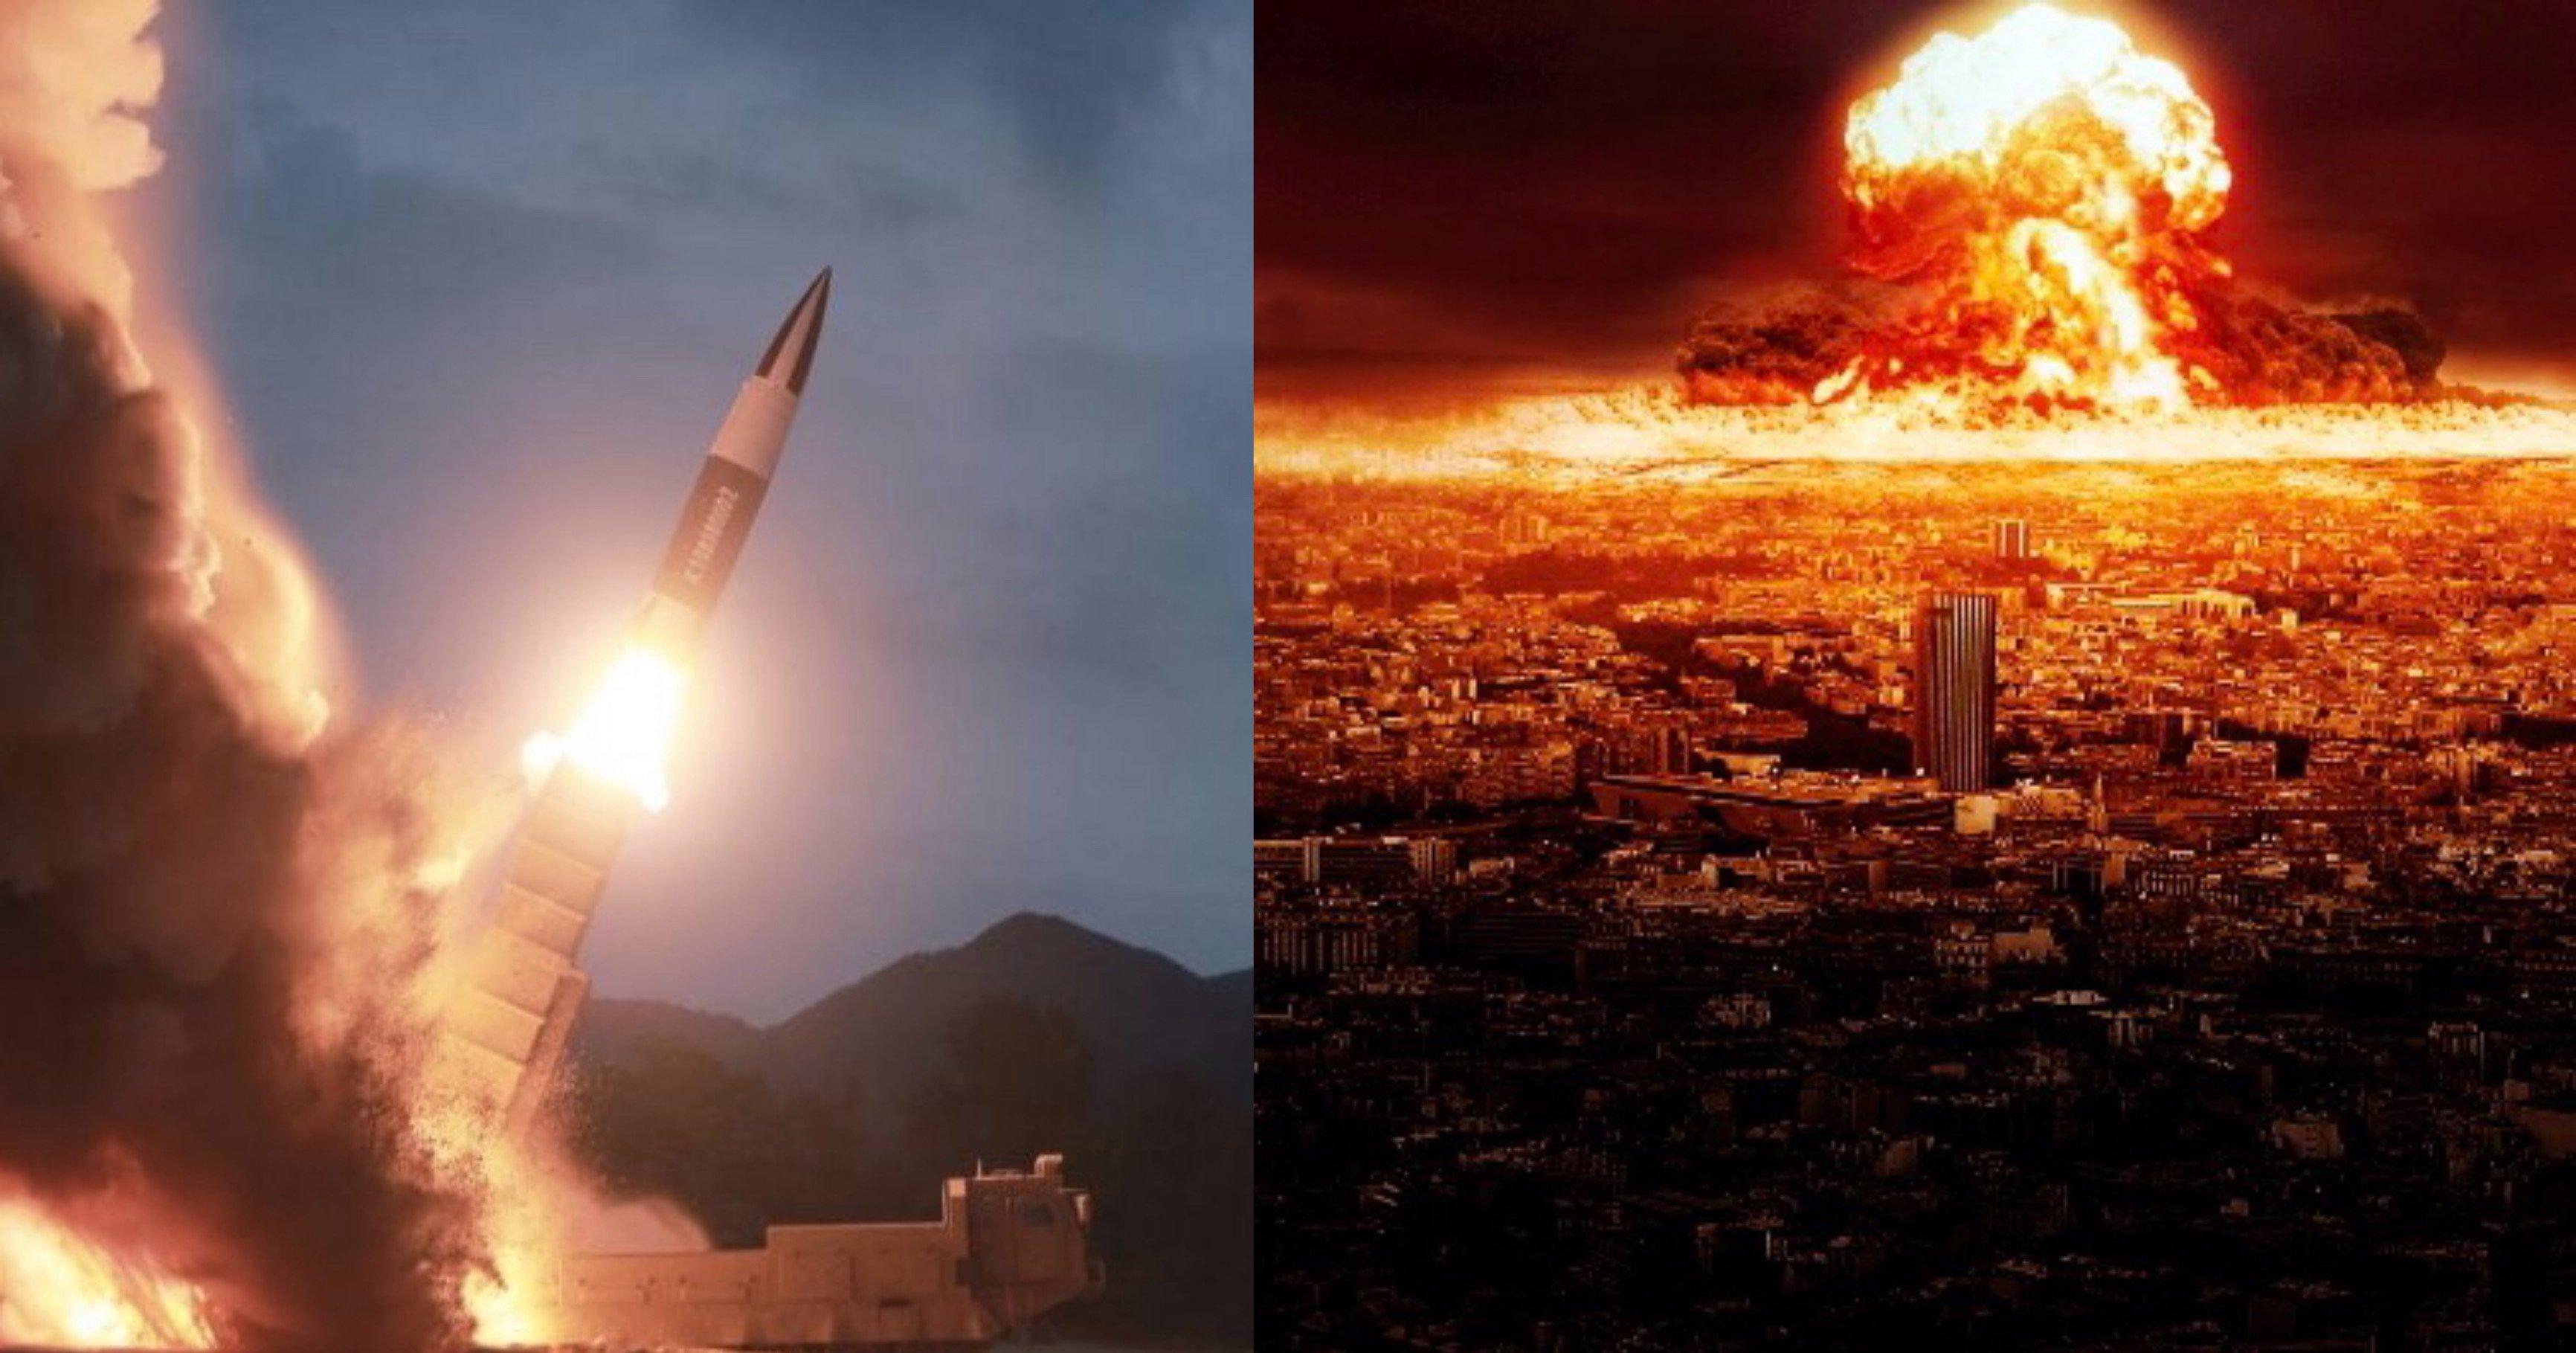 """c0a3e331 6984 4dab b16b 1bd671b240d9.jpeg?resize=412,232 - """"서울에 '핵폭탄' 떨어지면 이렇게 된다고...?""""...공개 되자마자 조회수 폭발한 '핵폭탄' 가상 시뮬레이션 영상"""